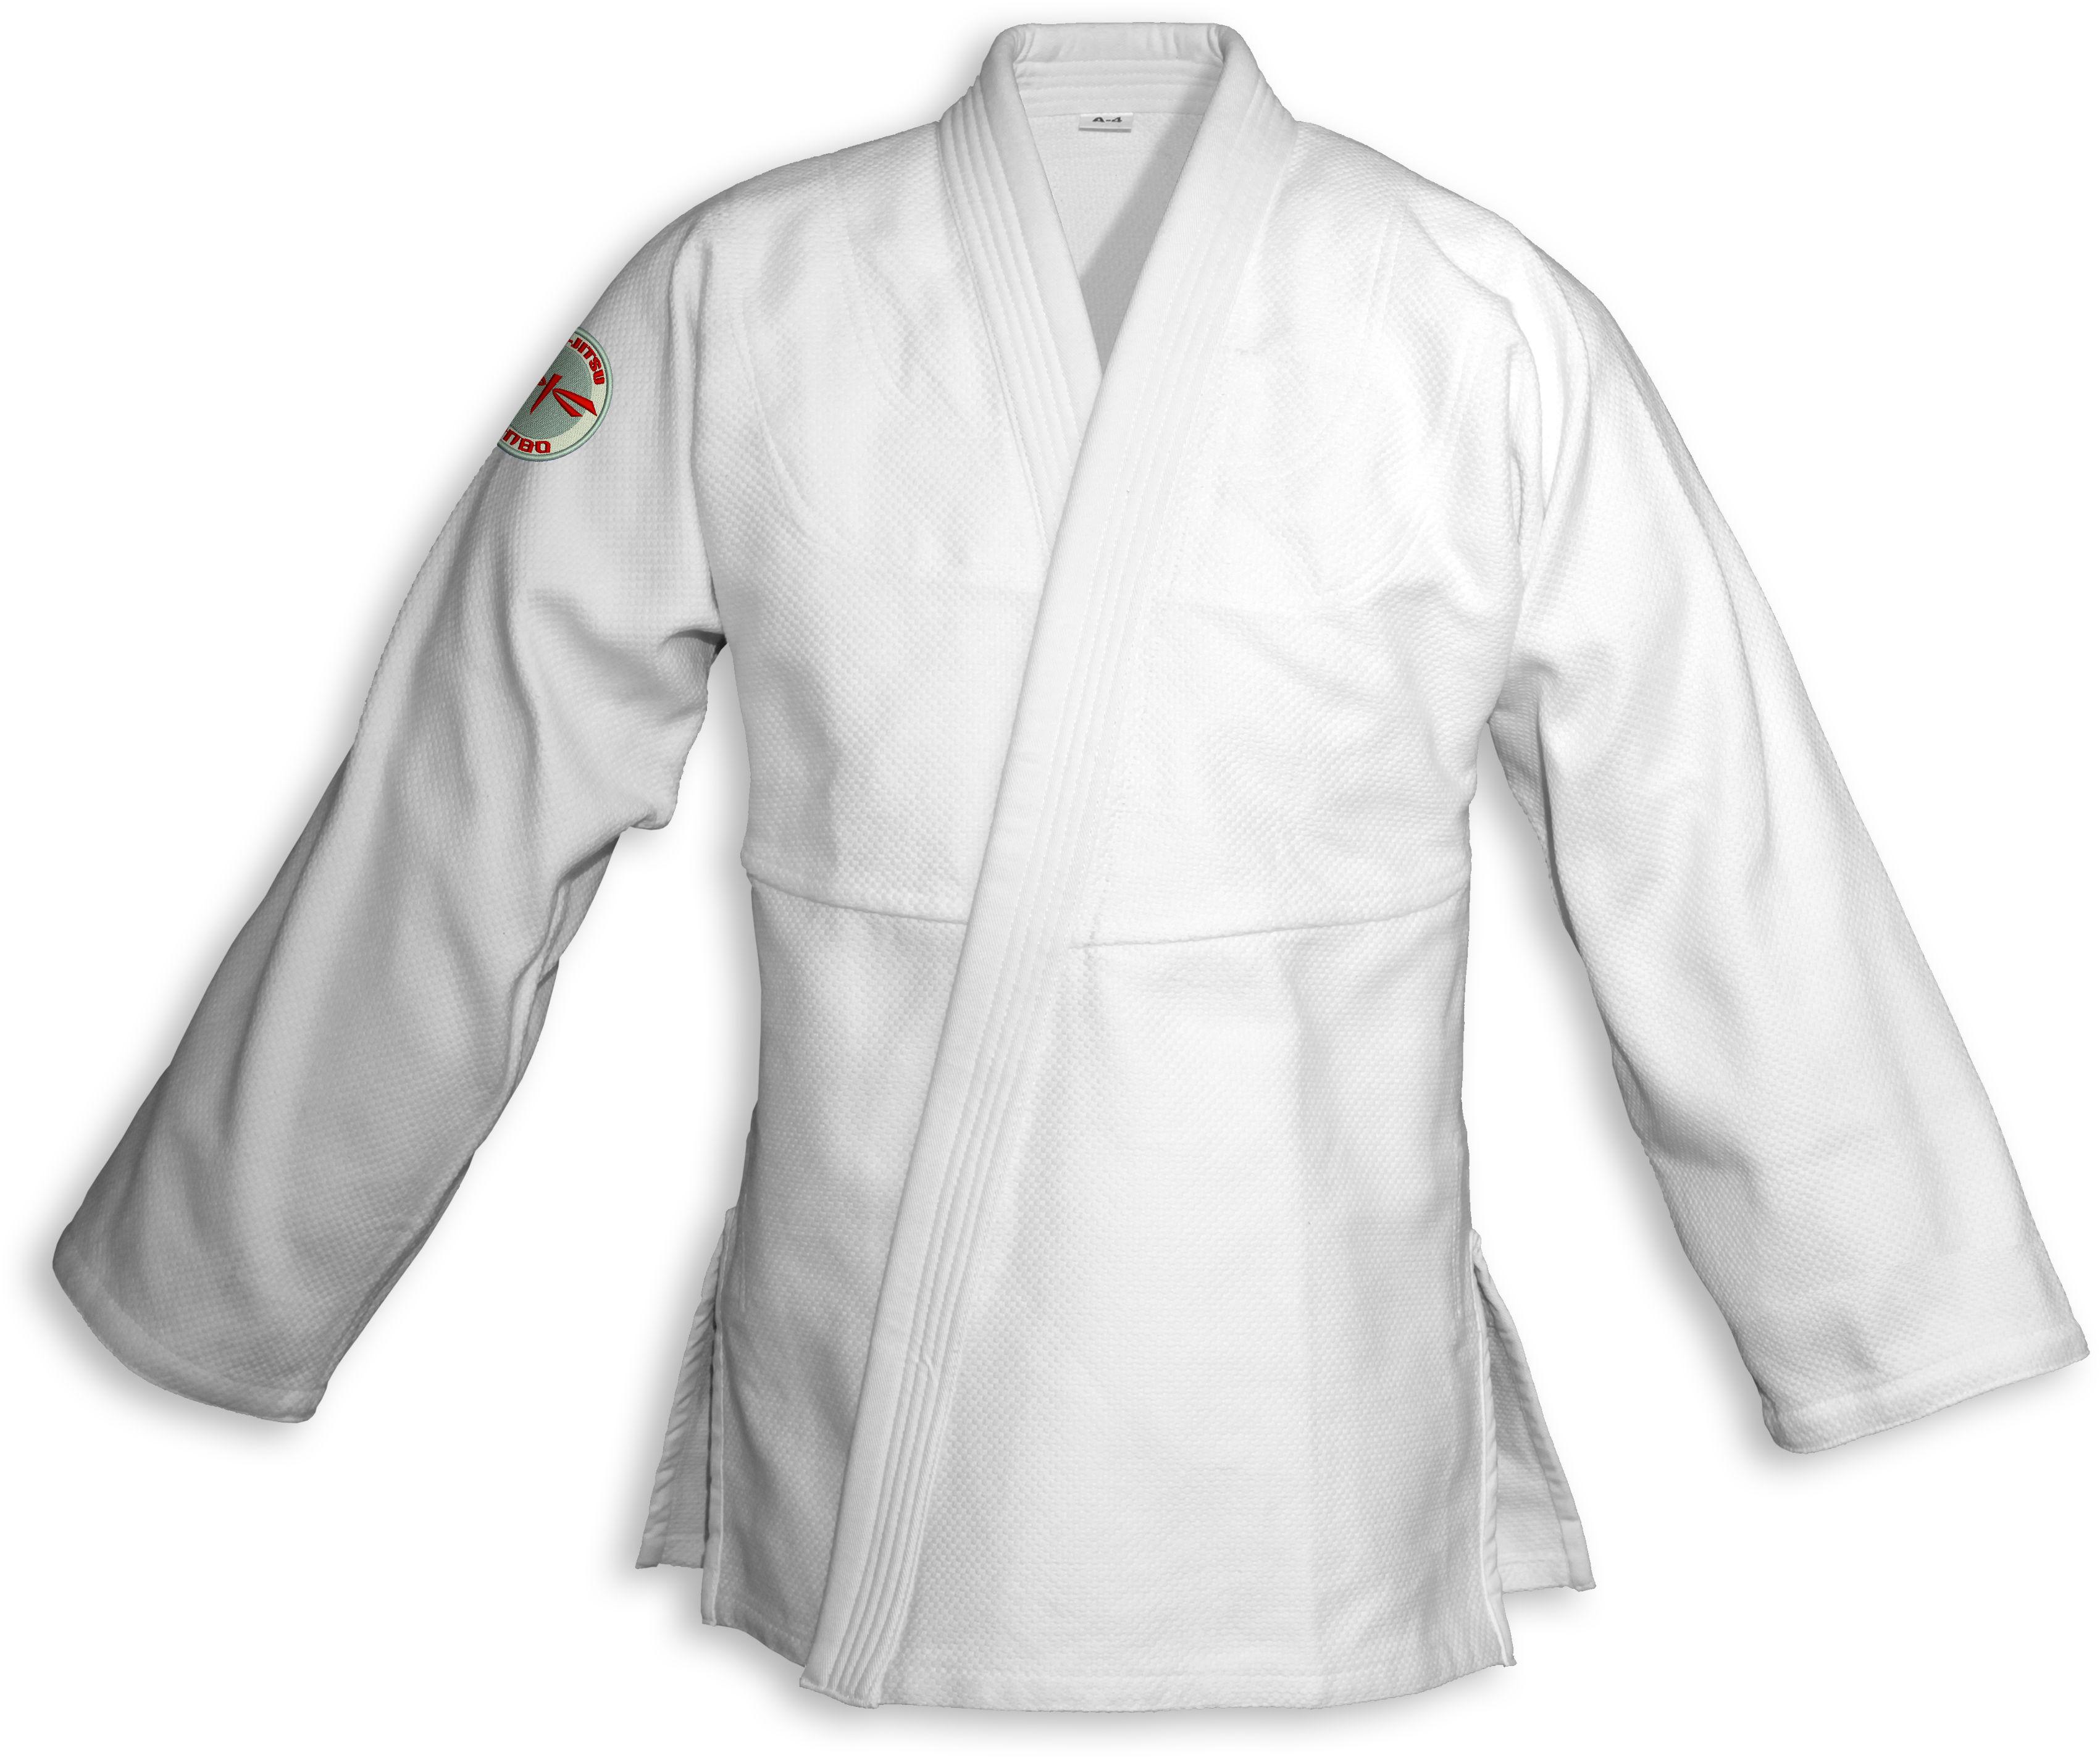 bluza BJJ / Jiu-Jitsu NAKED, białe, 580g/m2 (27 rozmiarów)